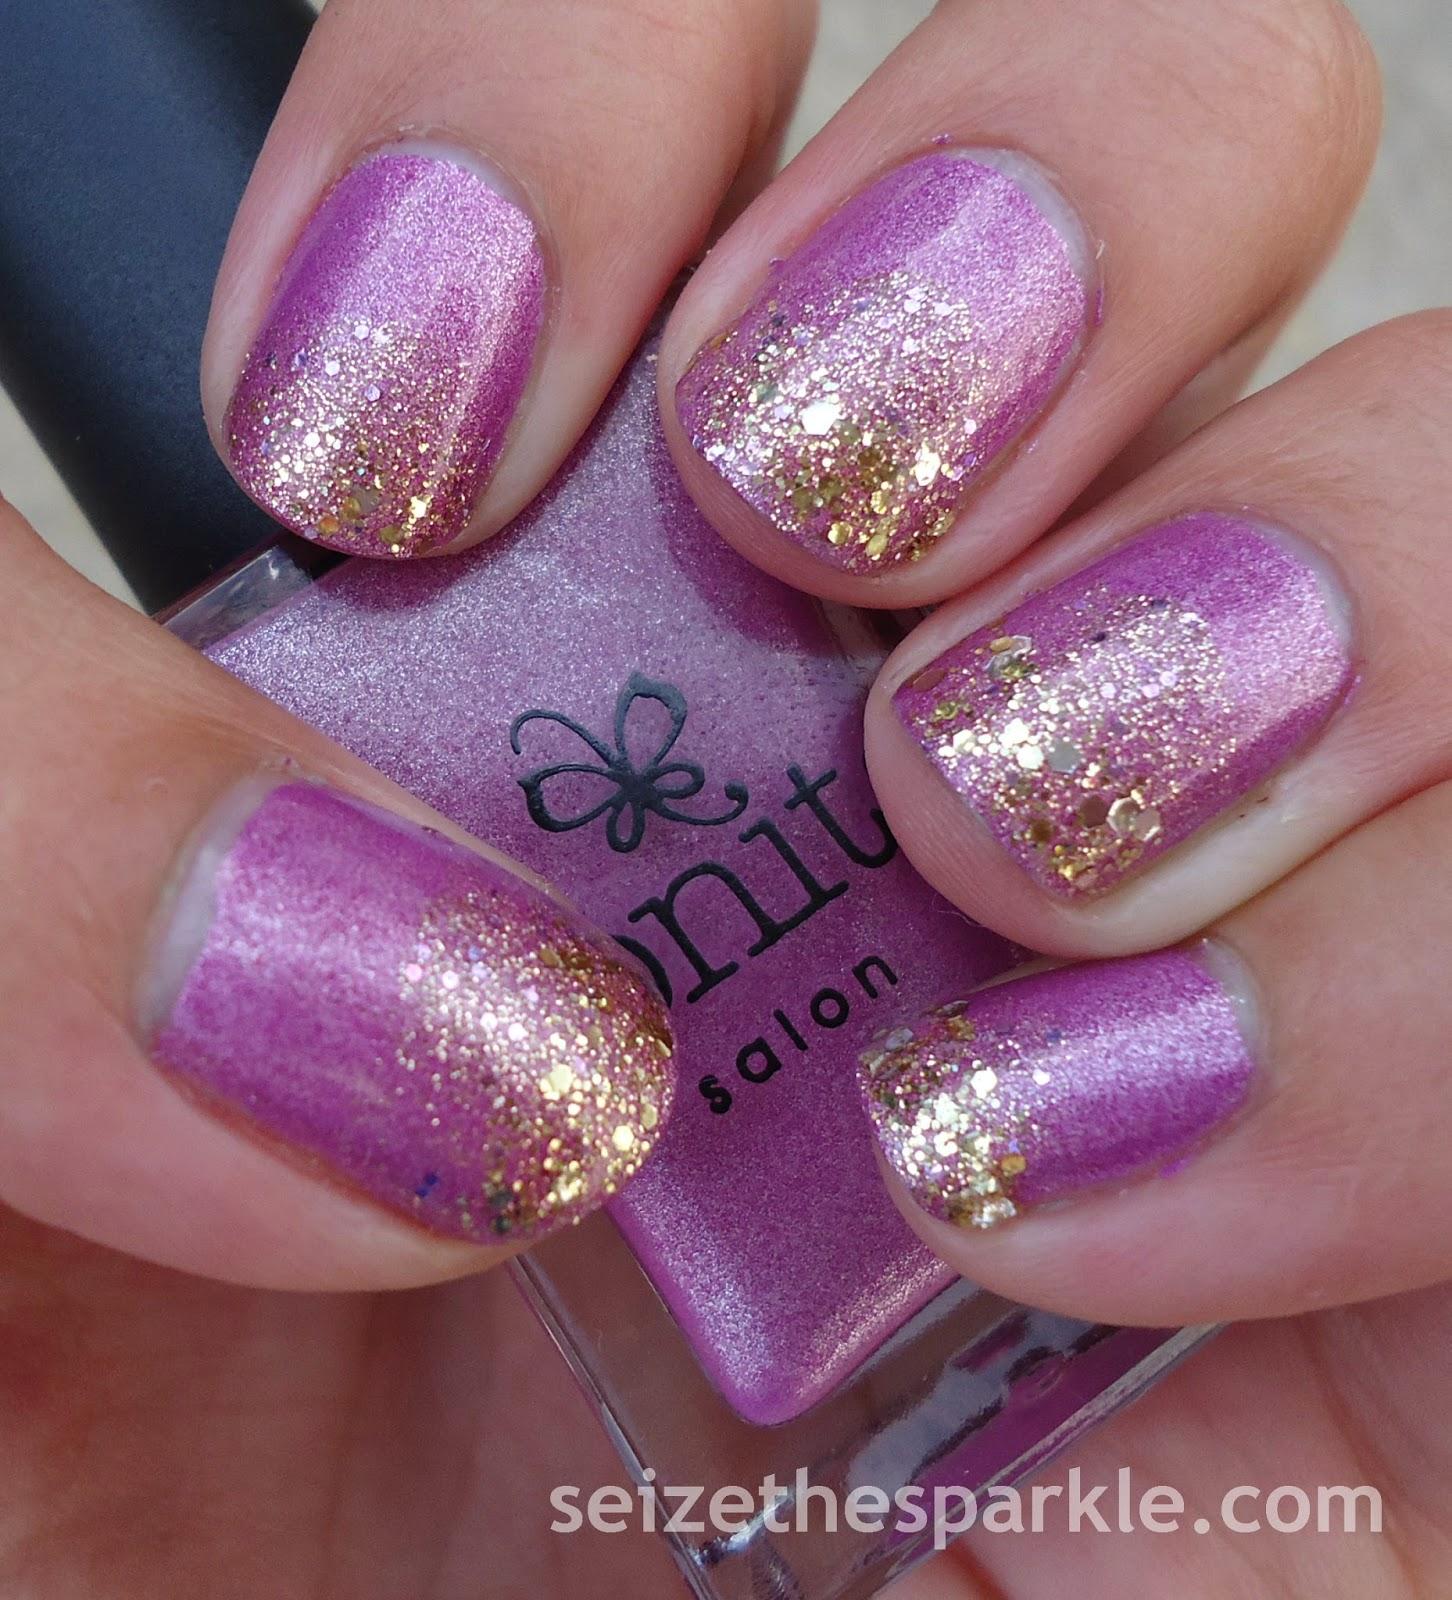 Violet & Gold Gradient Manicure